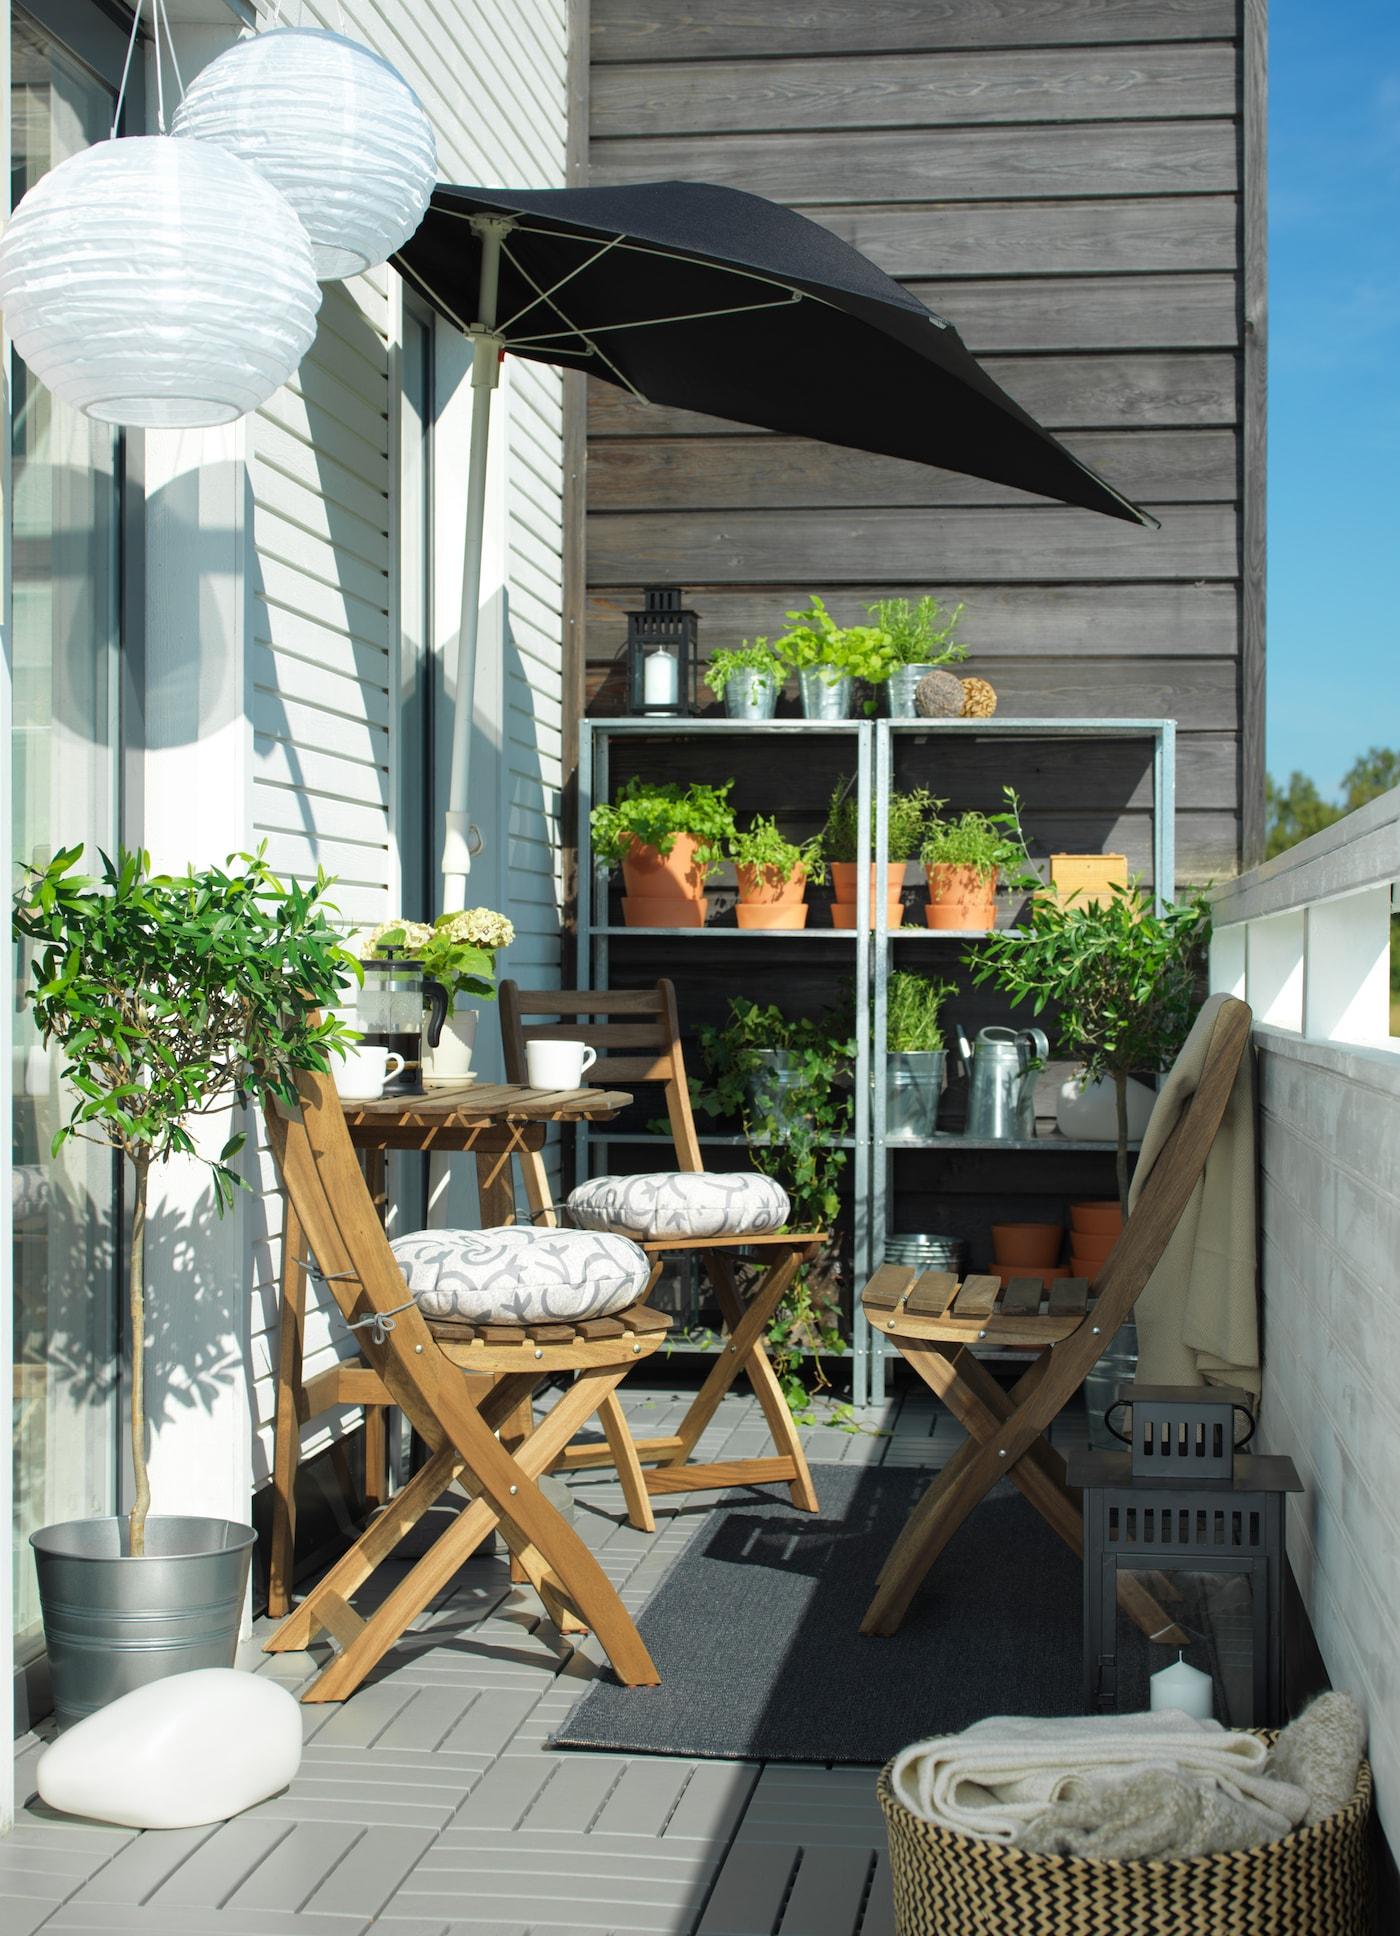 Et Décoration D'extérieur De Ikea Mobilier Jardin Ulkjtf1C3 tout Ikea Mobilier De Jardin